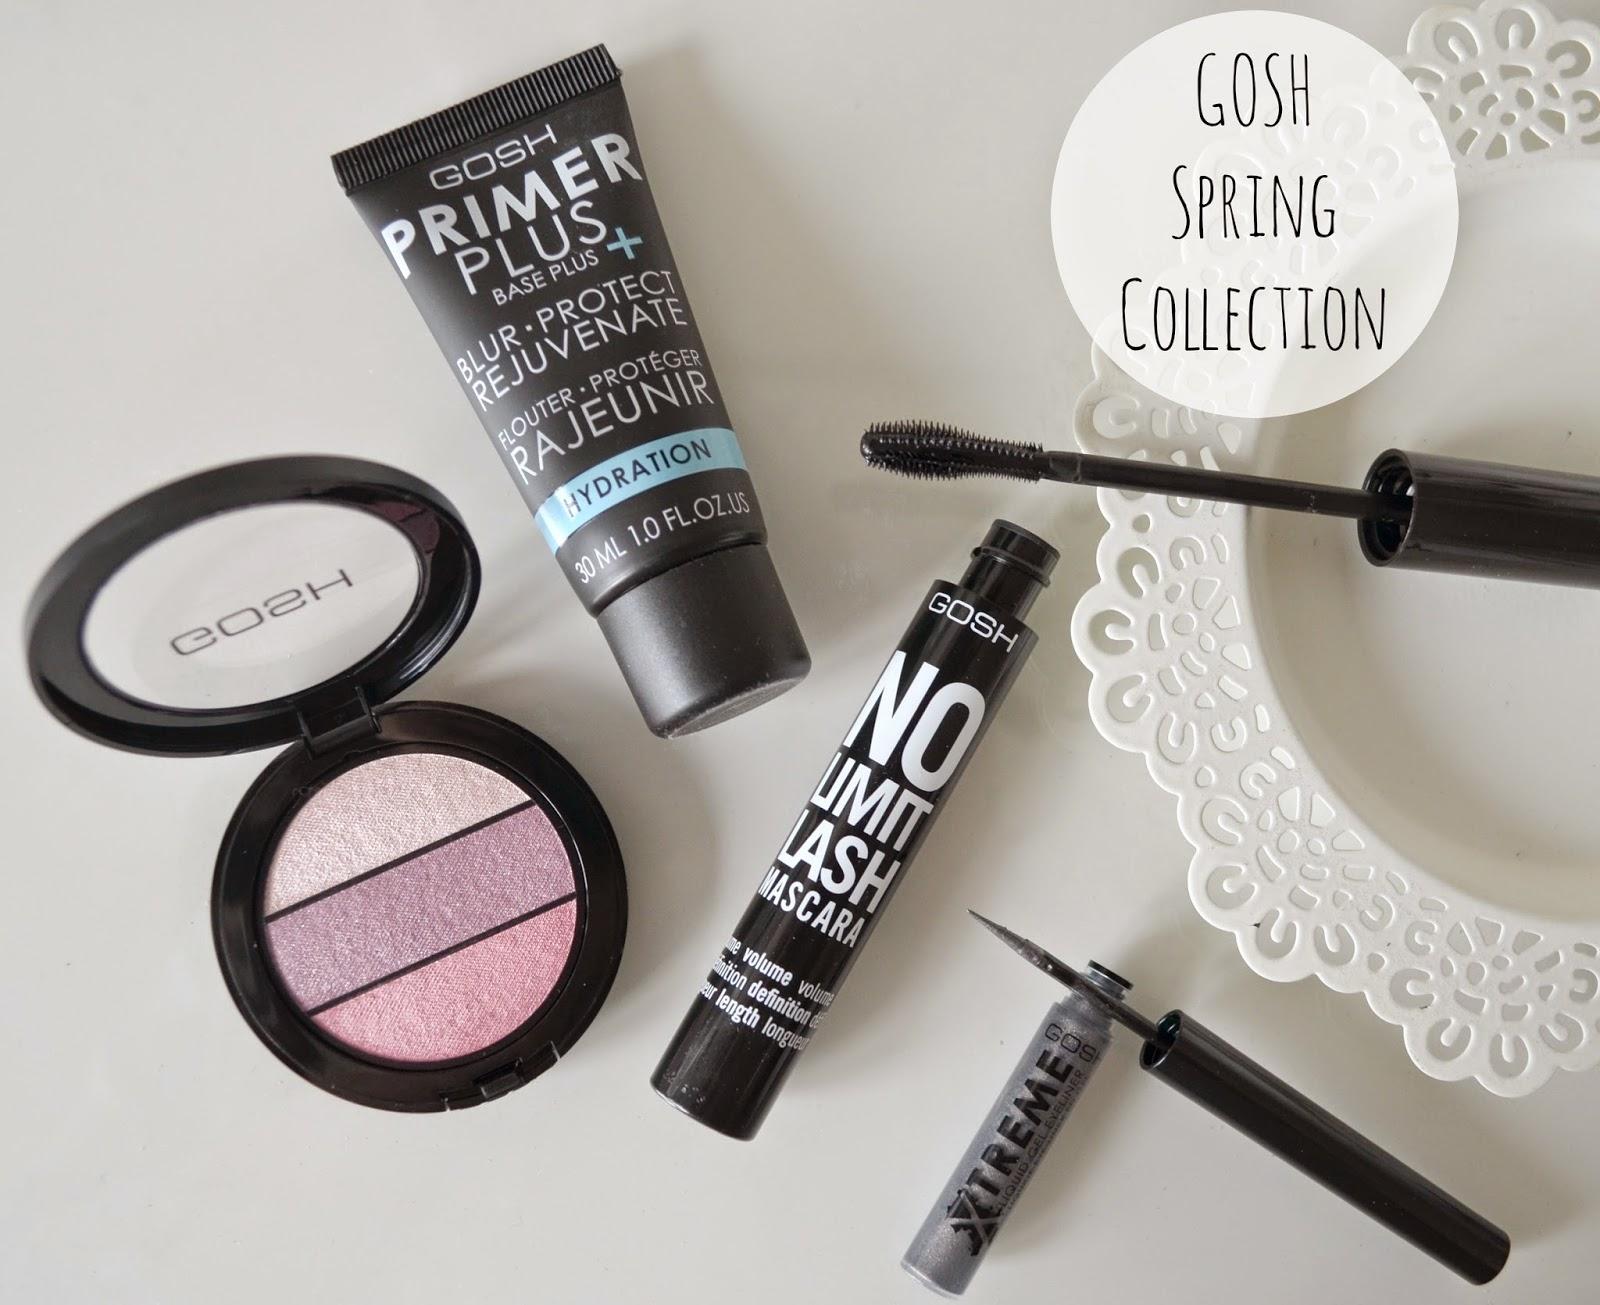 GOSH Spring makeup